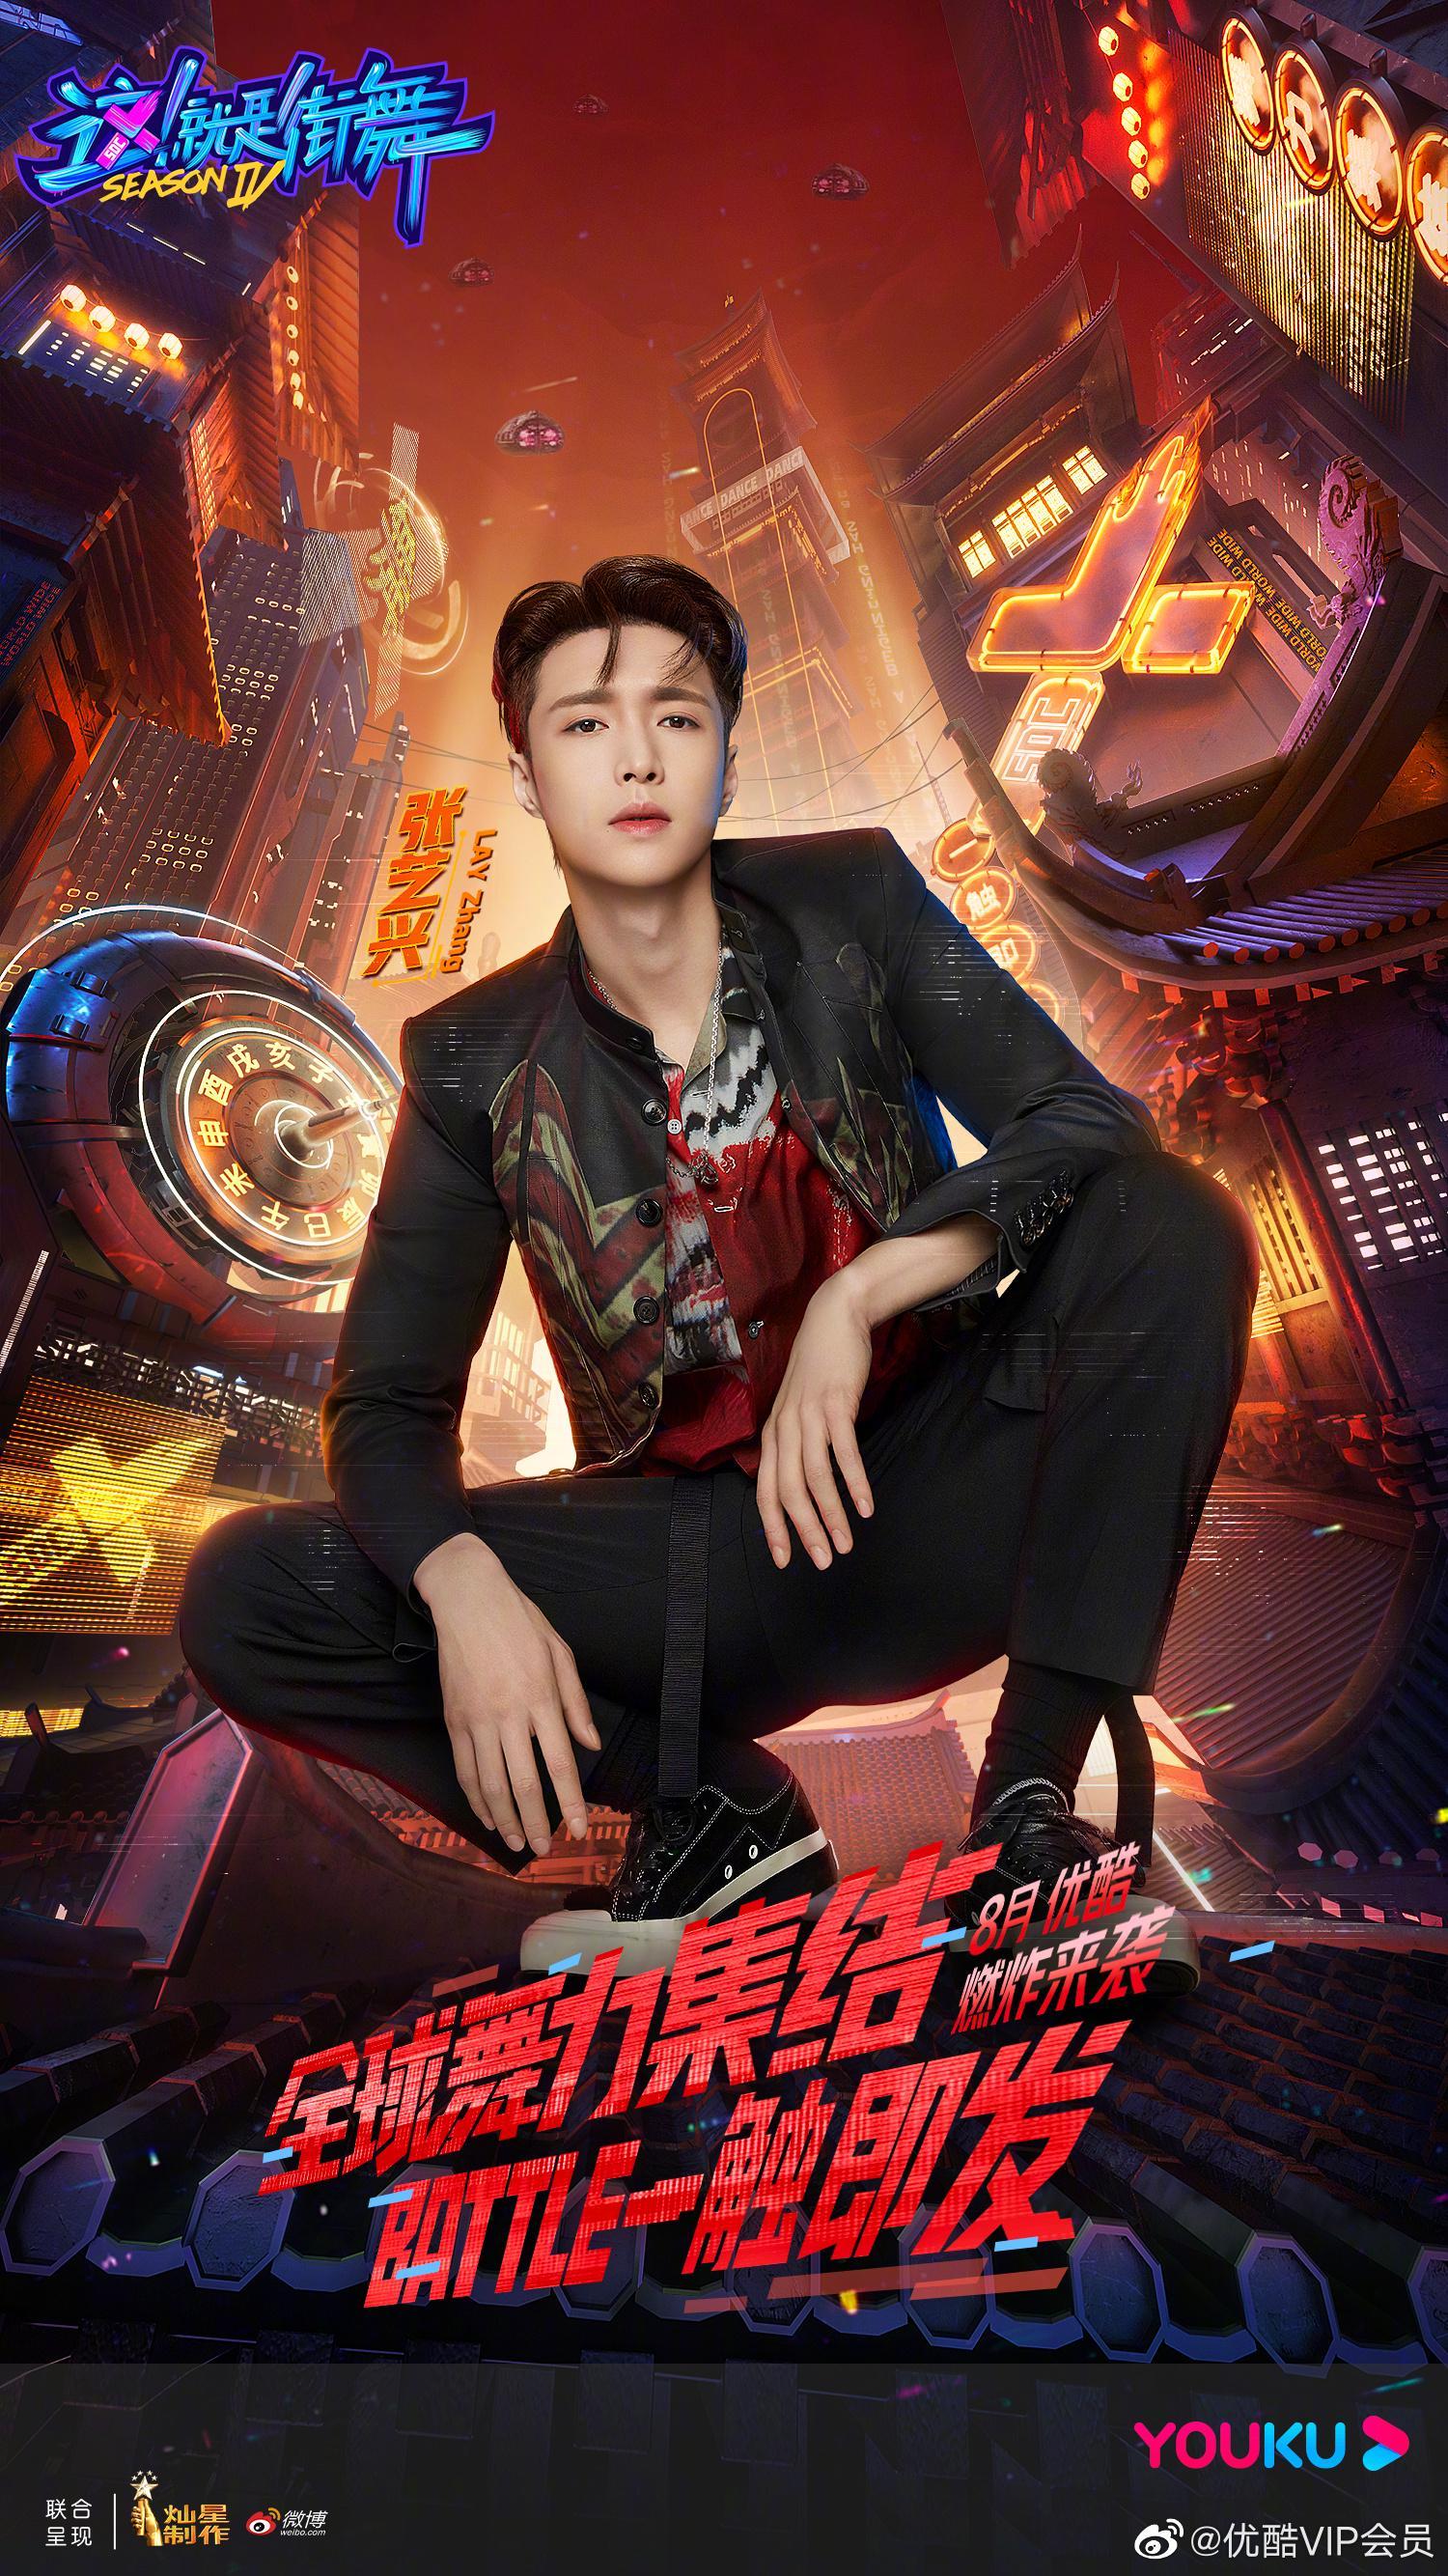 街舞4张艺兴队长@努力努力再努力x 正式官宣!